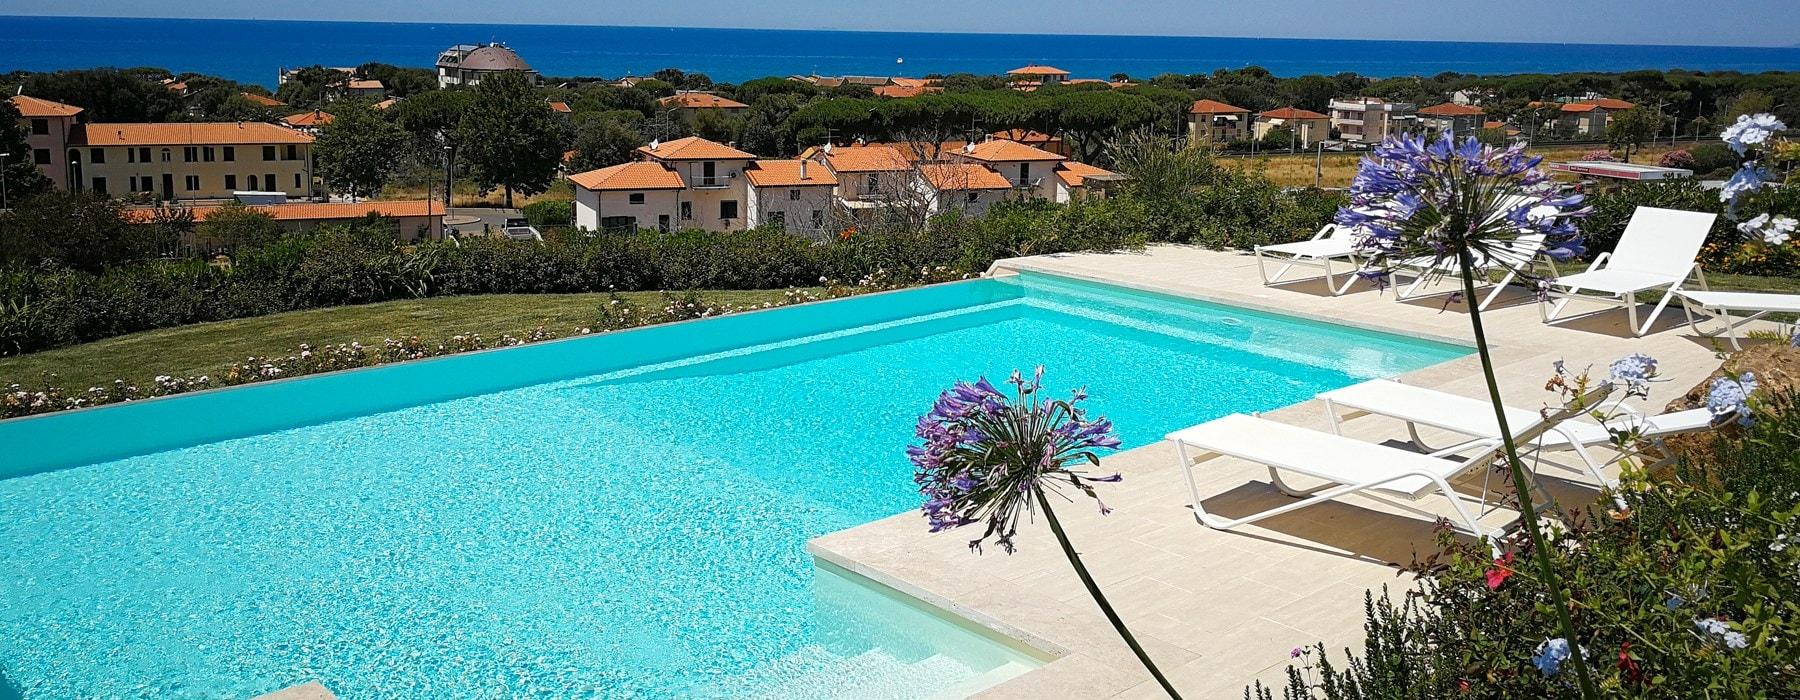 Arredi Per Piscine Esterne home | garden pool - realizzazione piscine in toscana